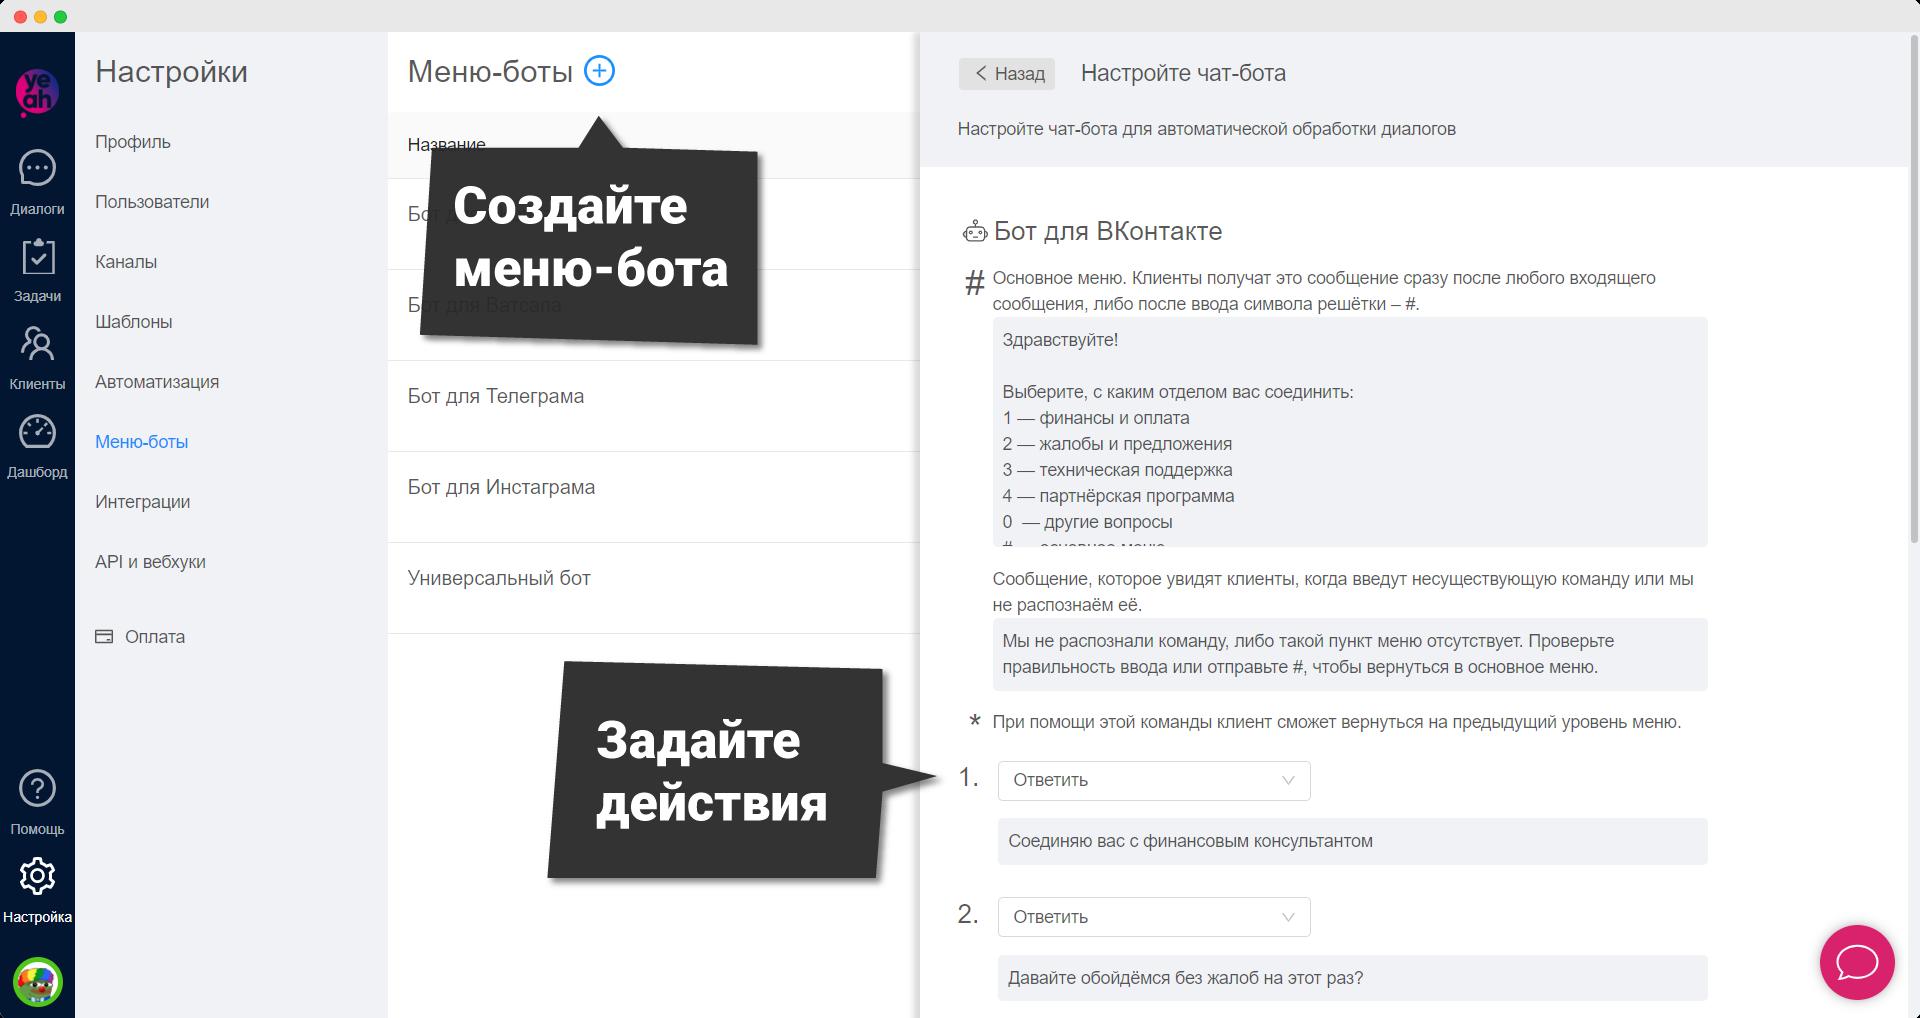 Инструкция по созданию бота в интерфейсе Еадеска